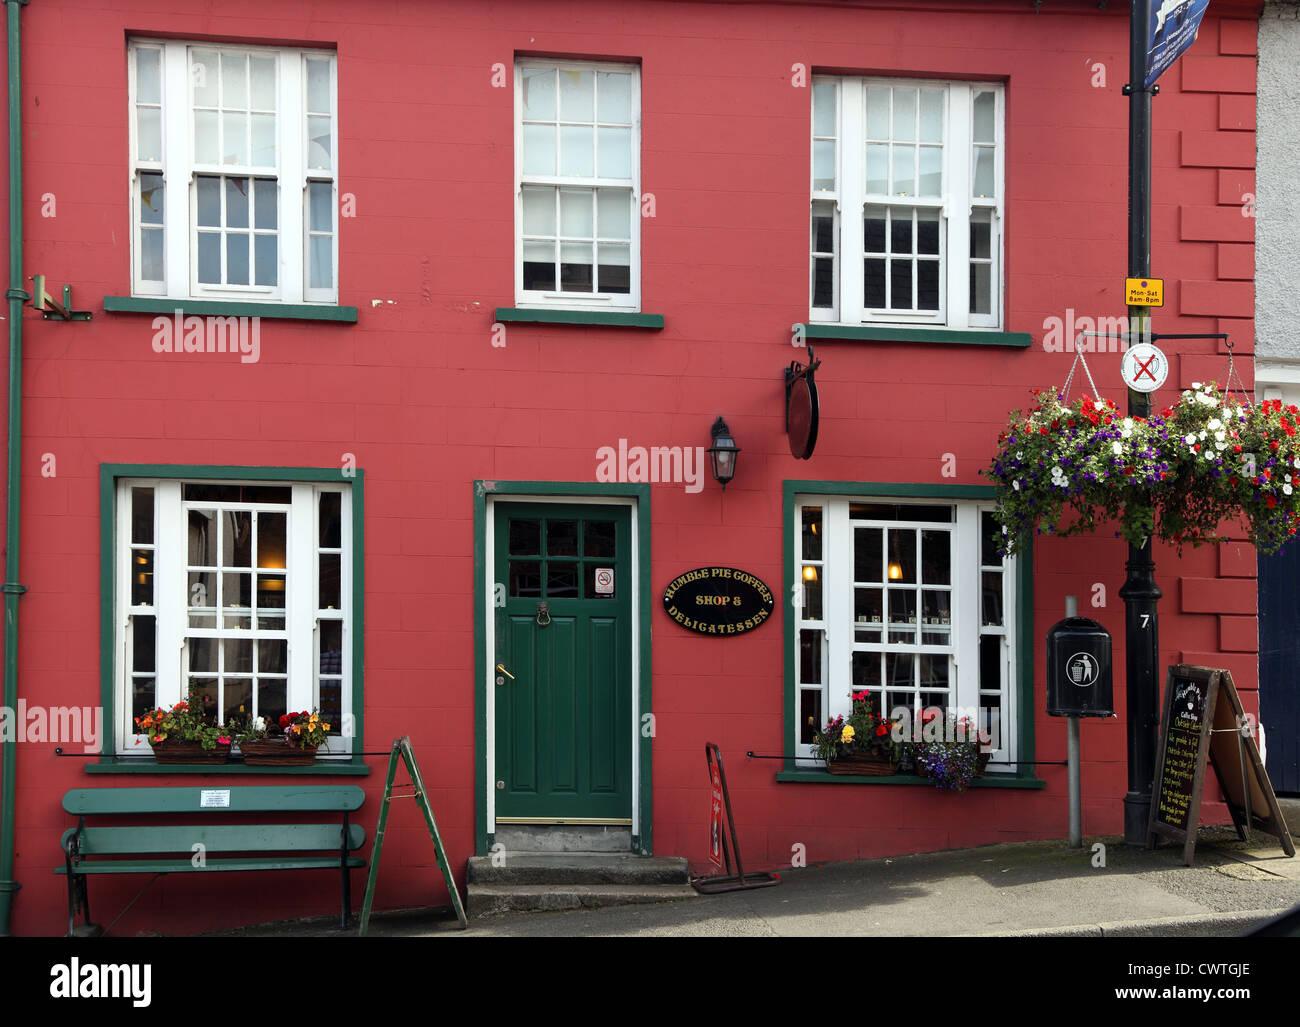 Torta di umile Coffee Shop & Delicatessen, Main St, Hillsborough, Co. Giù, Ulster (Irlanda del Nord Immagini Stock